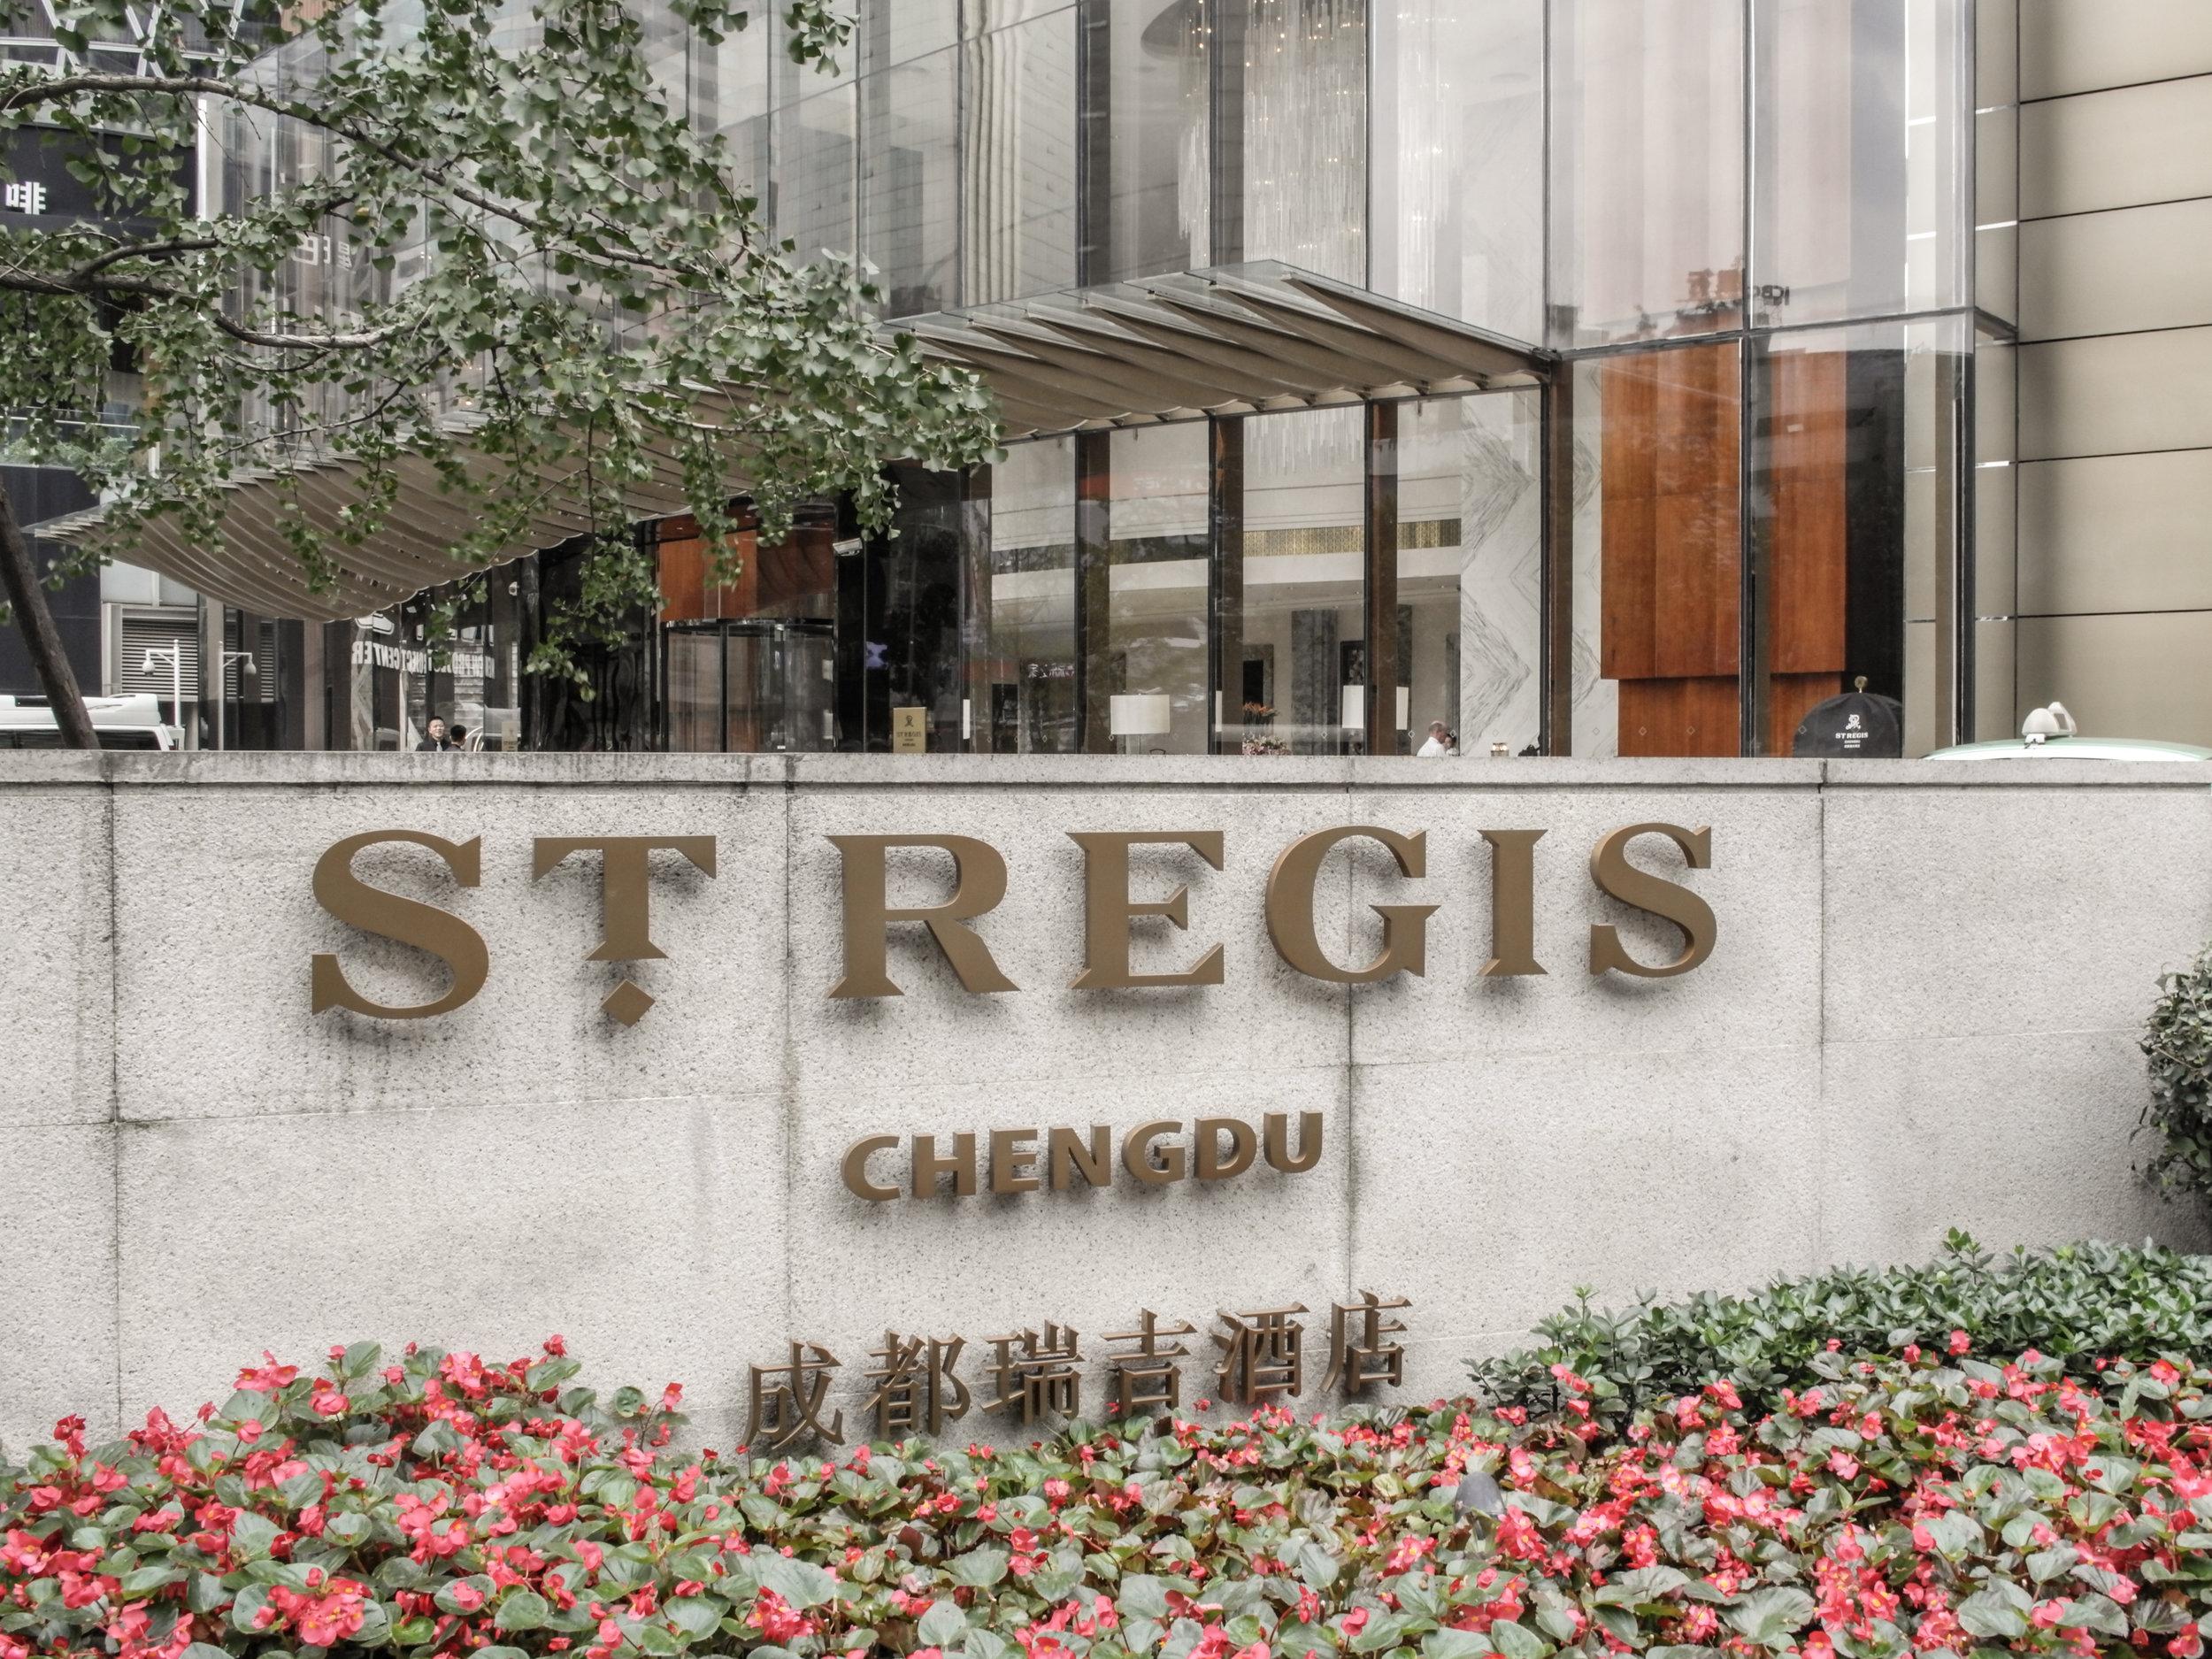 St. Regis Chengdu